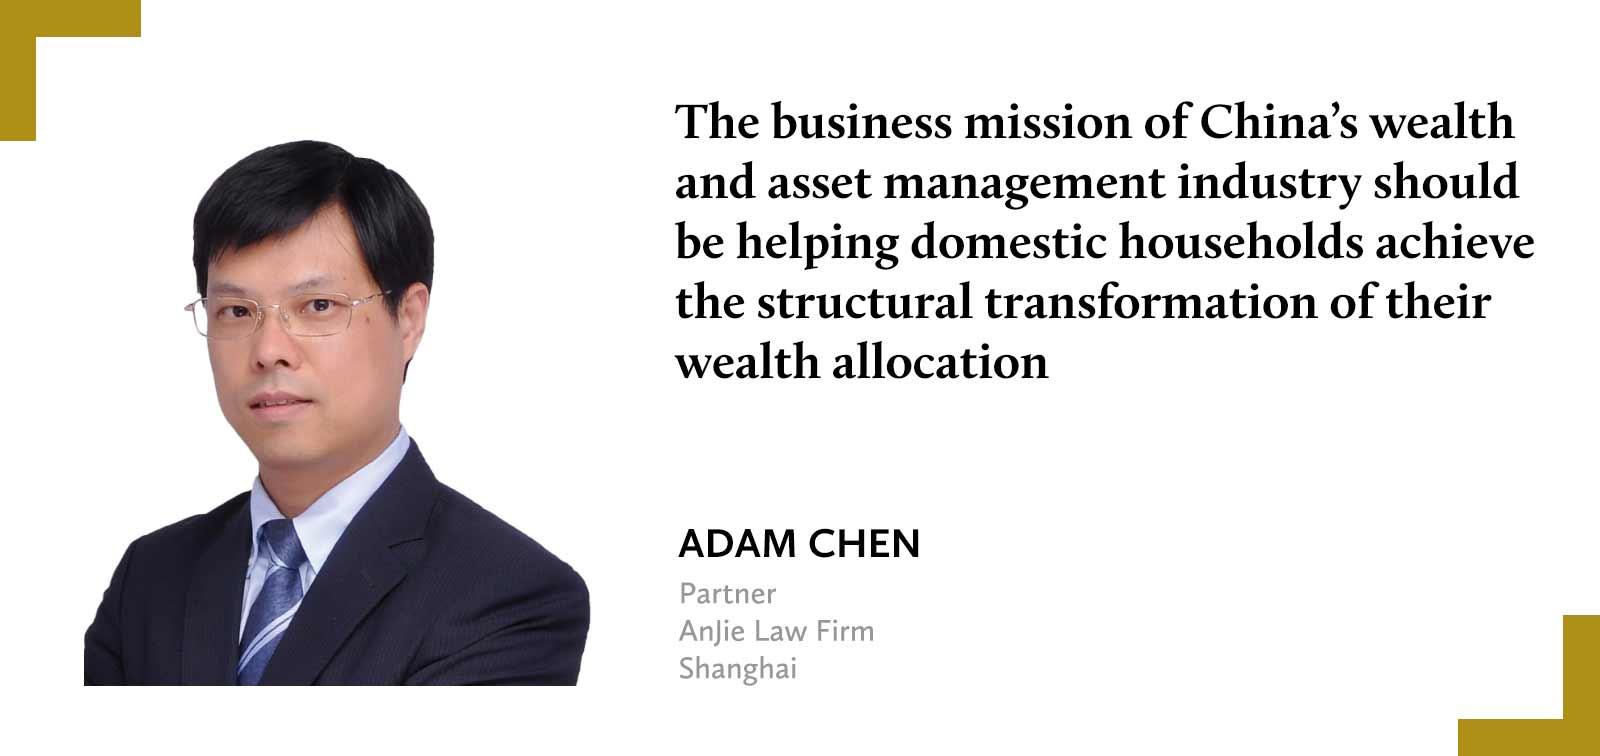 陈贵-ADAM-CHEN-安杰律师事务所-合伙人,上海-Partner-AnJie-Law-Firm-Shanghai-(Eng)